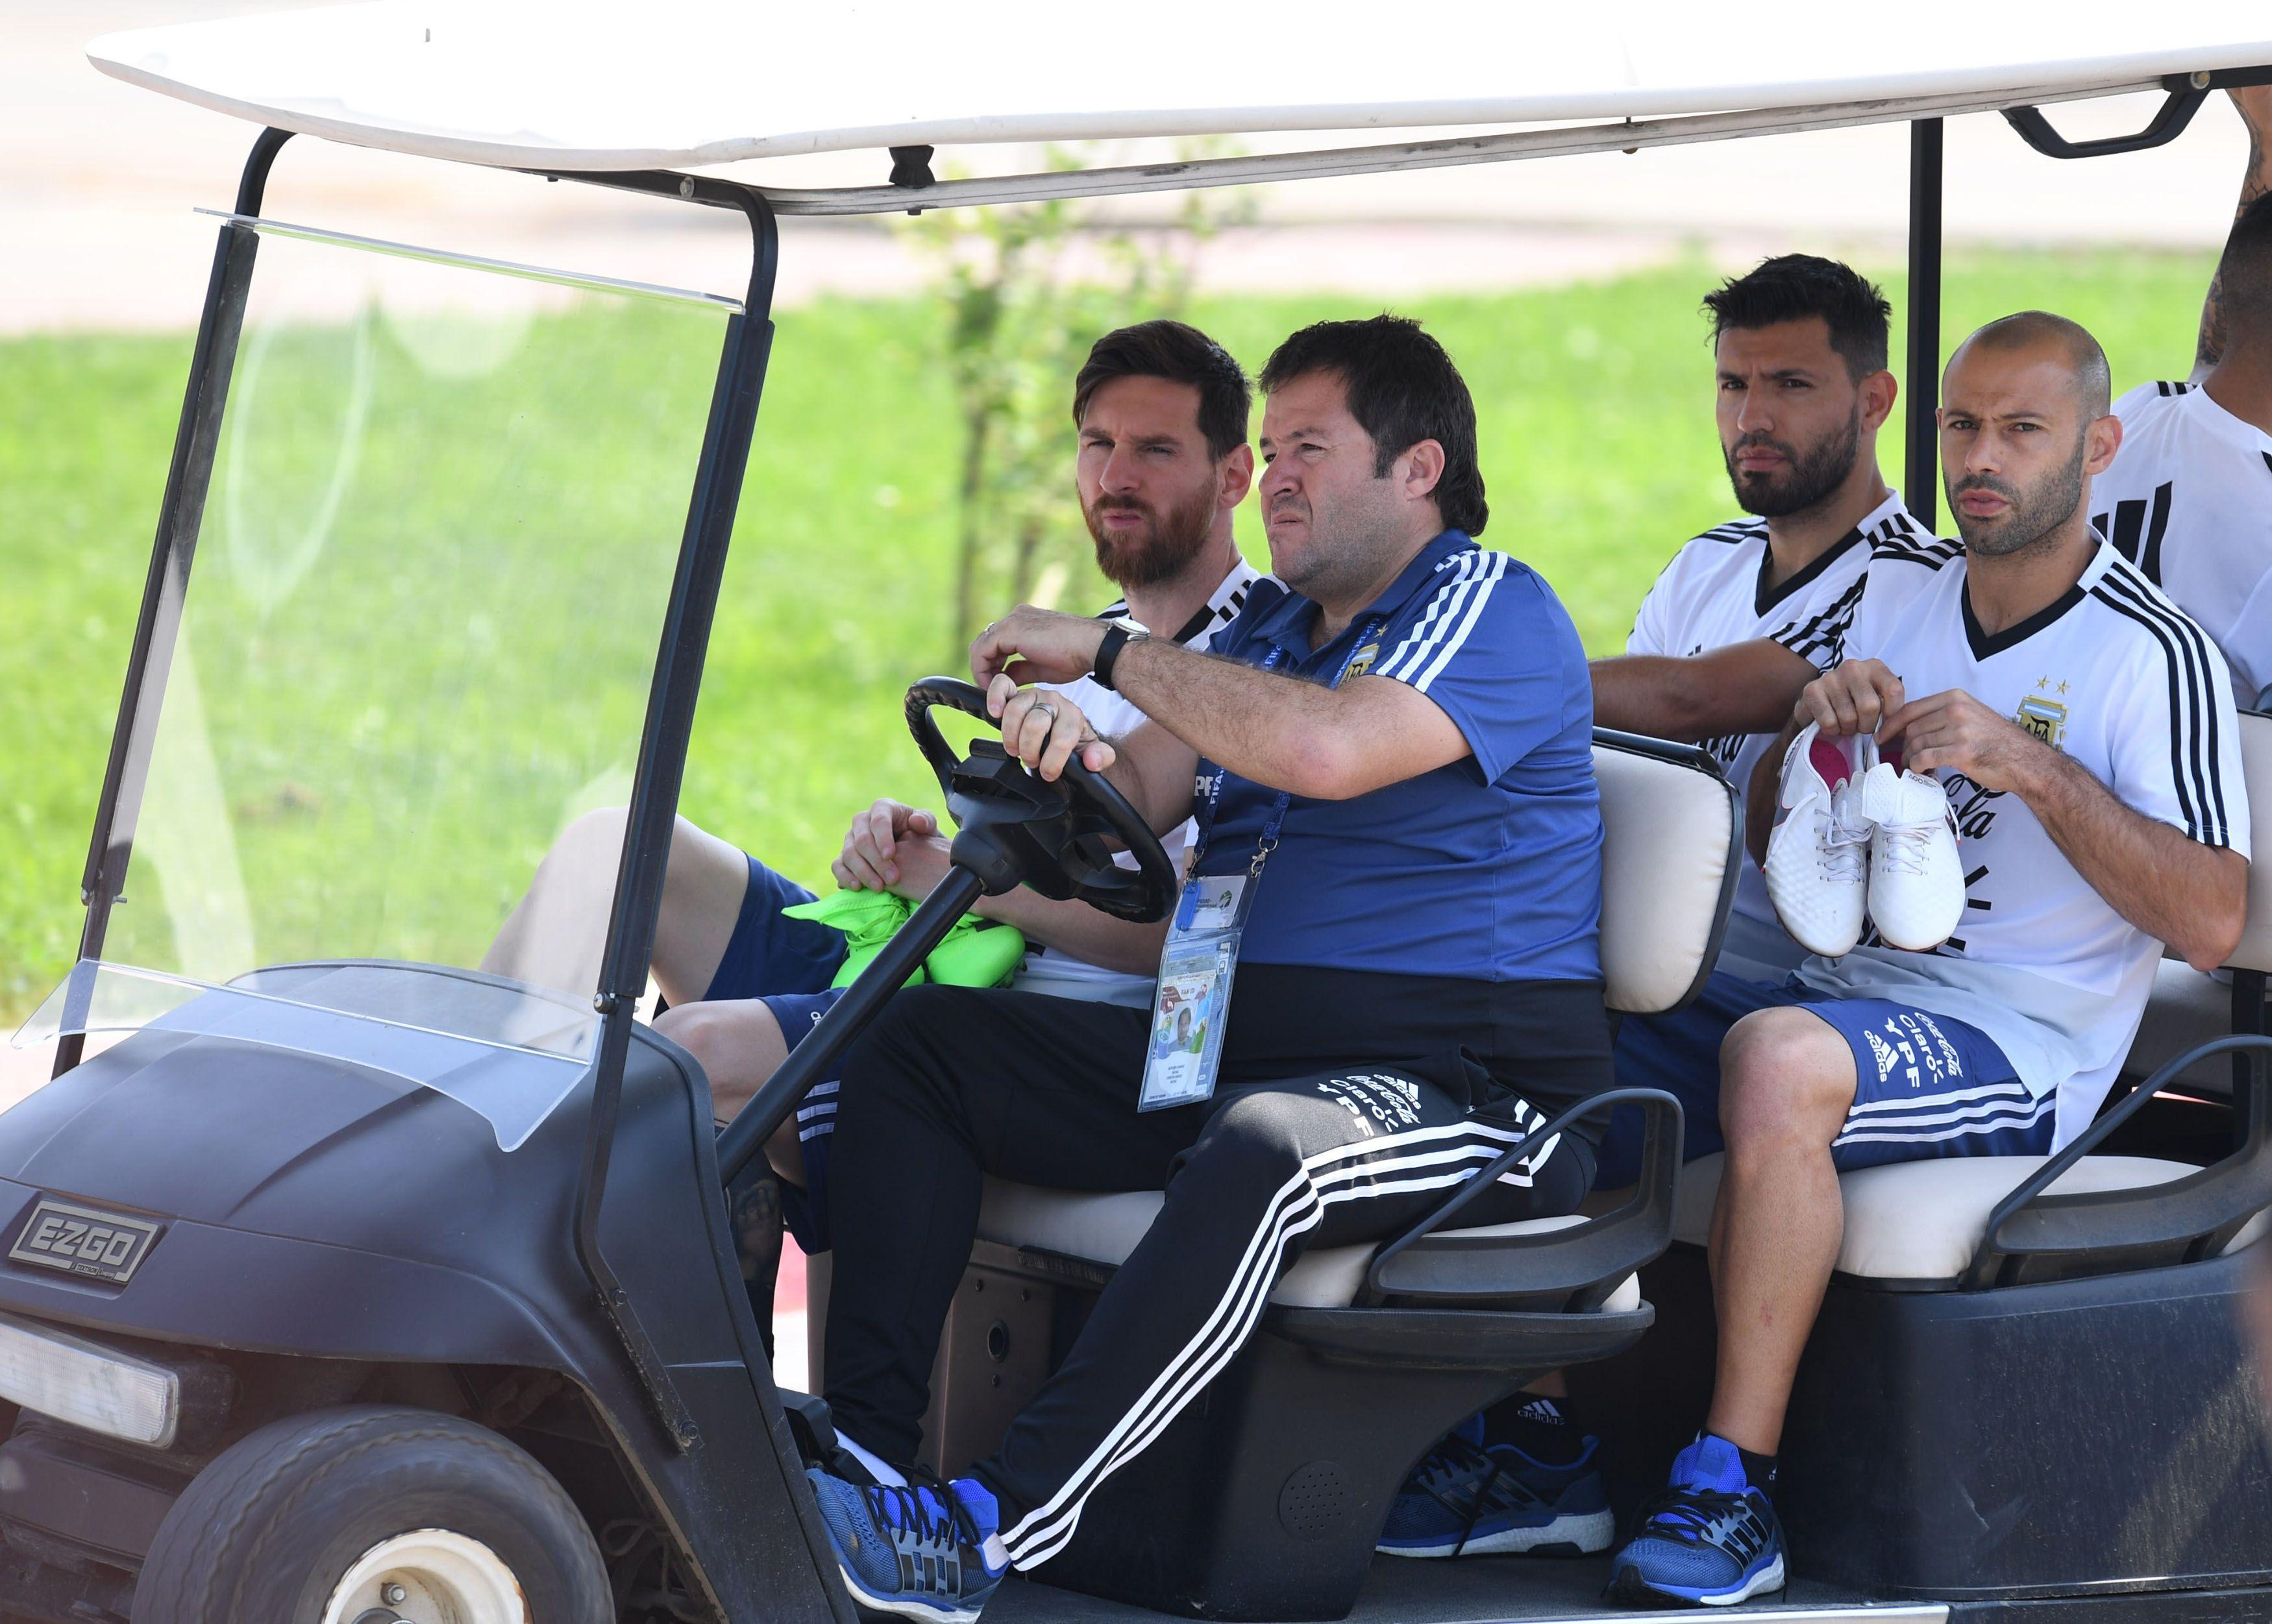 El equipo argentino necesita recuperar la motivación: ¿por qué no tiene apoyo psicólogo?